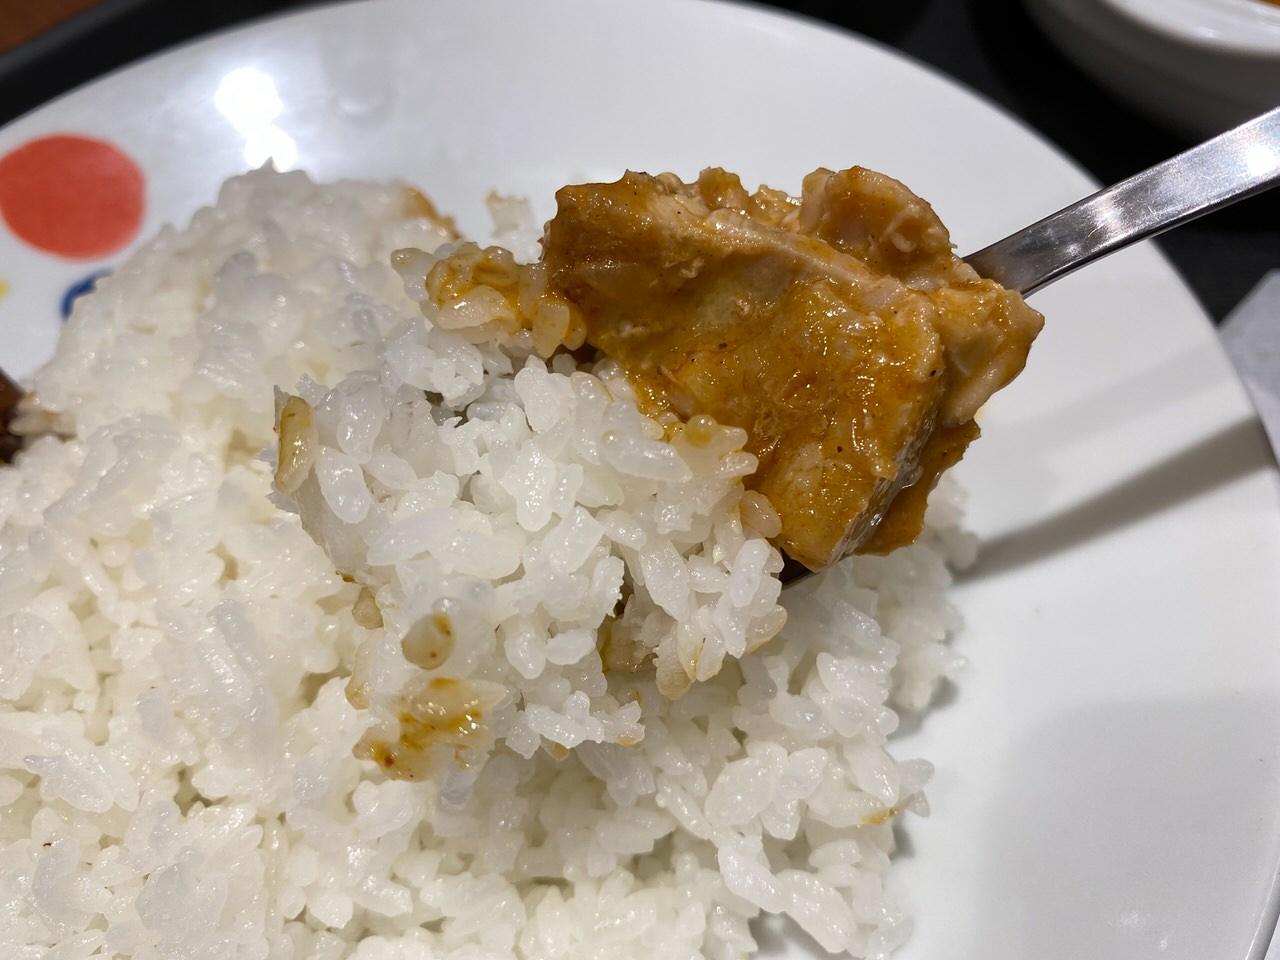 【松屋】世界一美味しい料理と言われるタイ料理「マッサマンカレー」 8